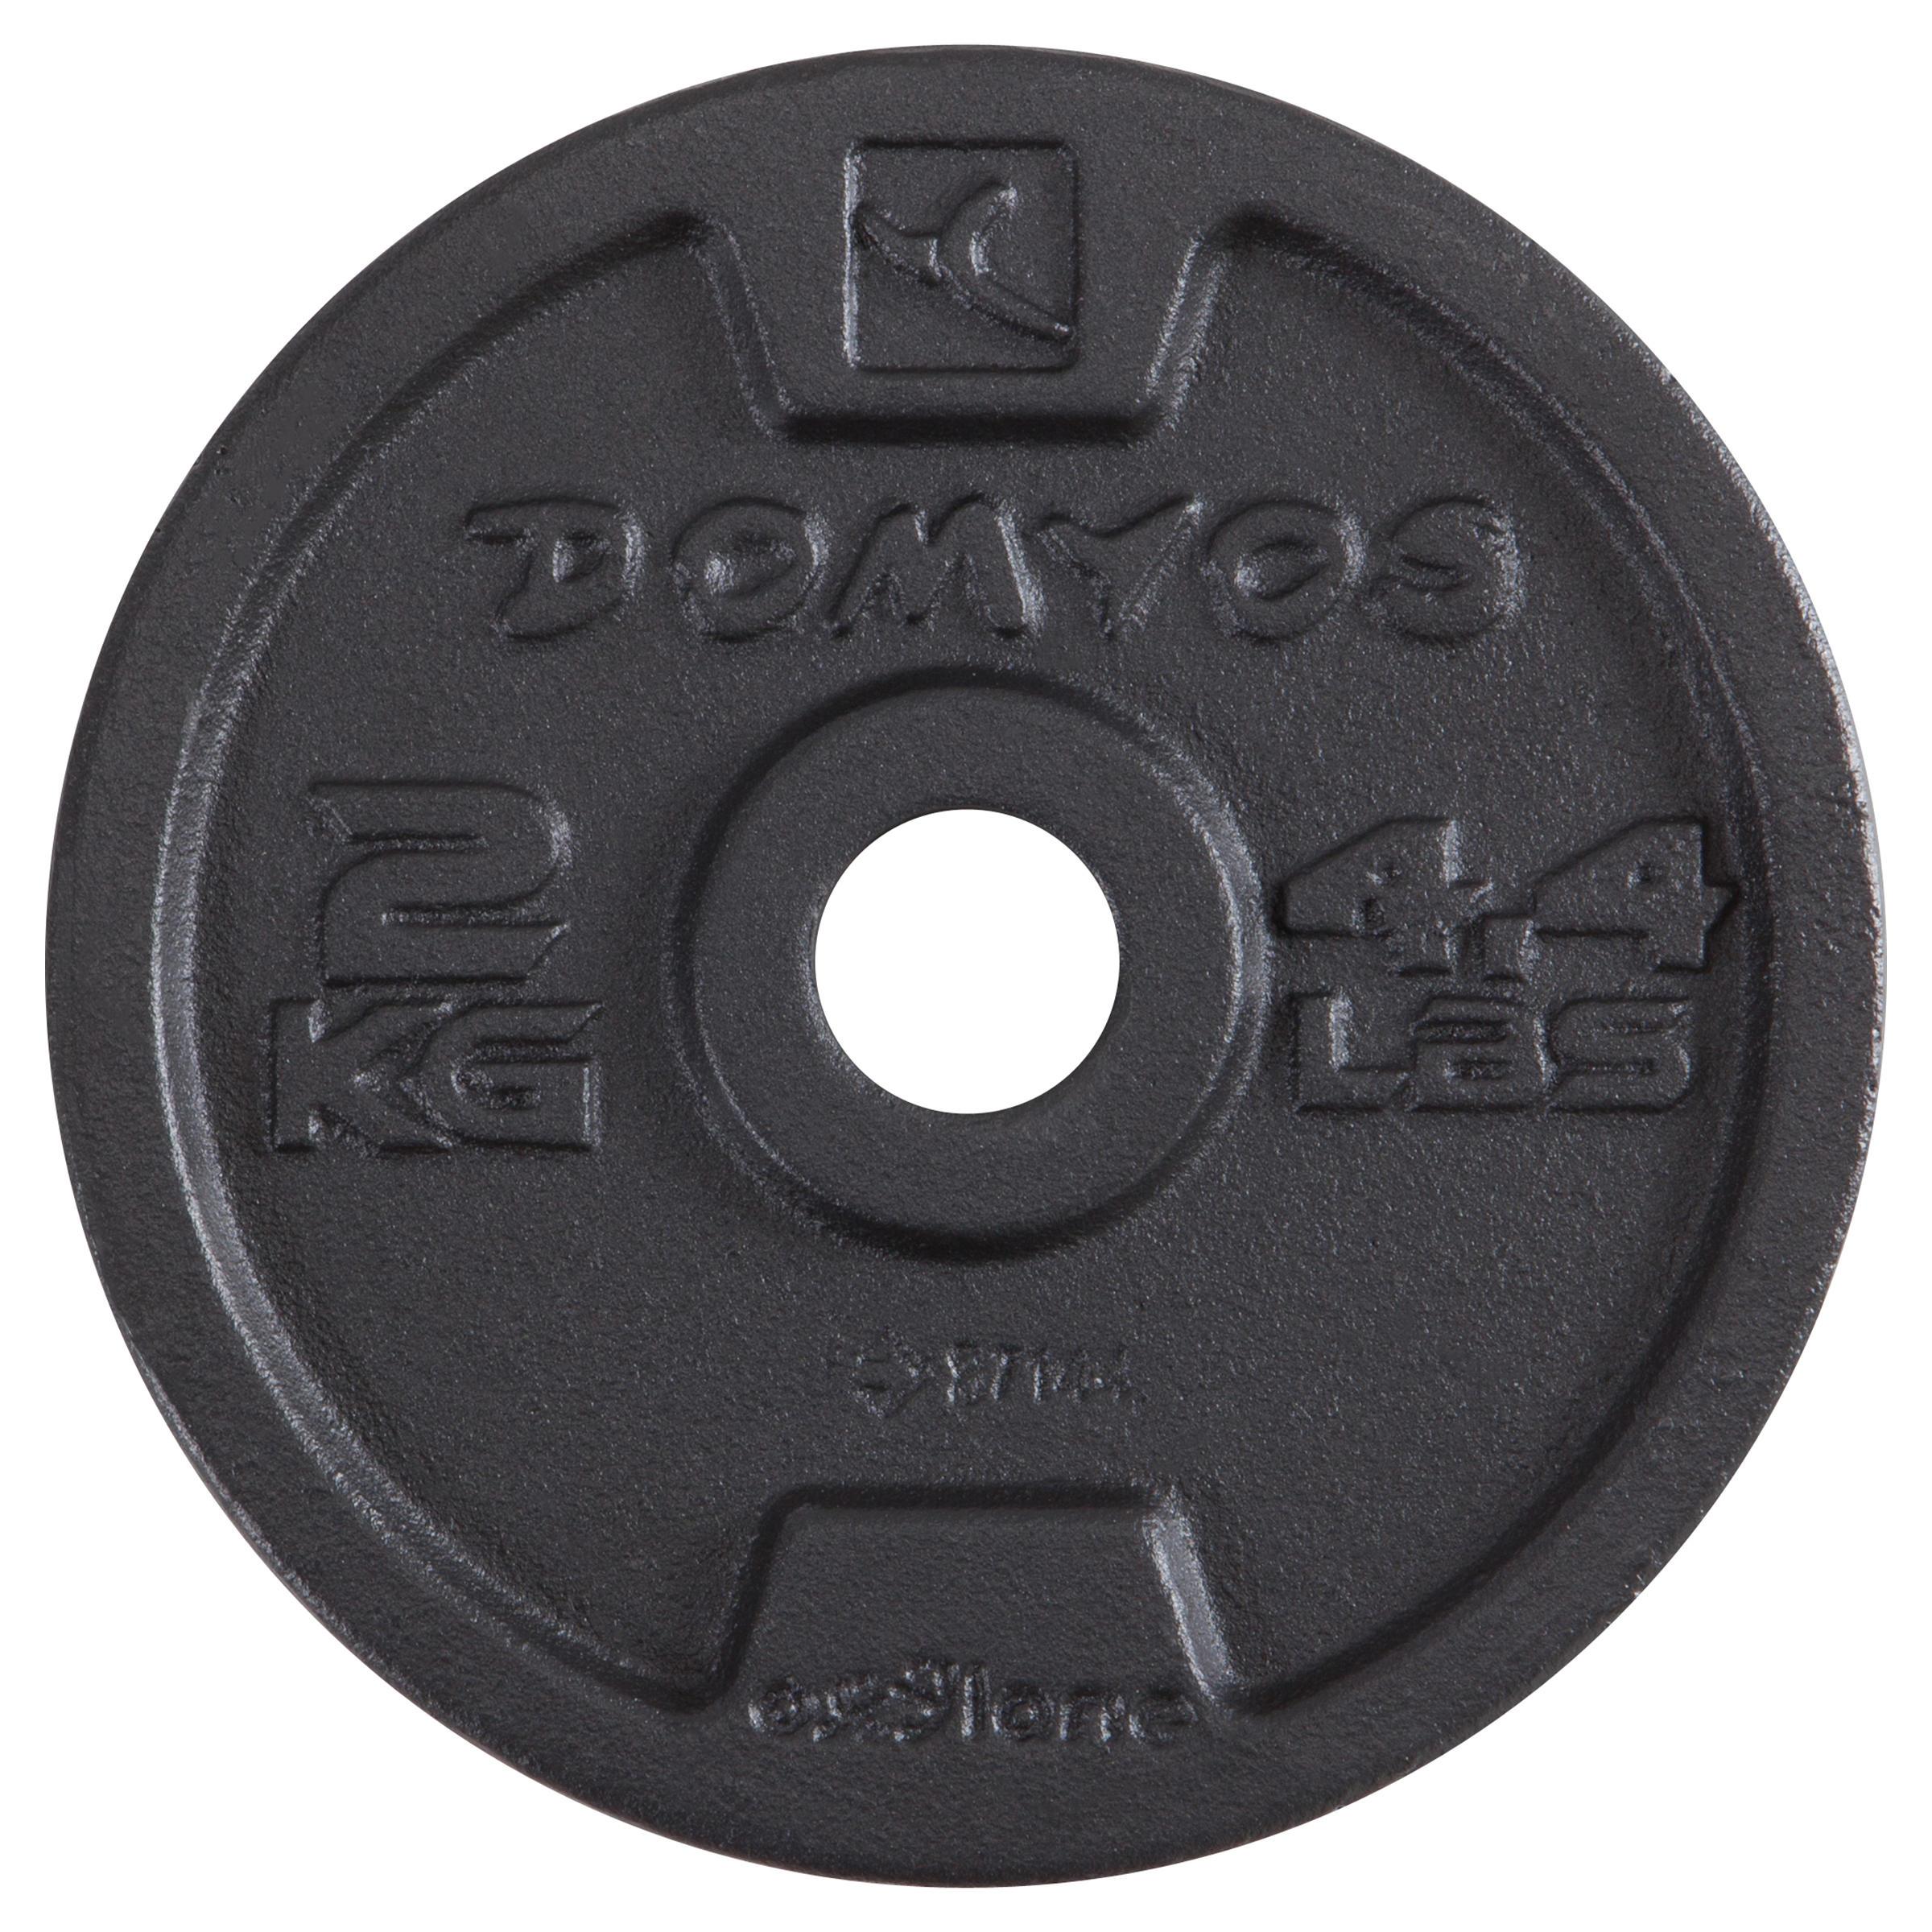 Ensemble haltères musculation 10 kg